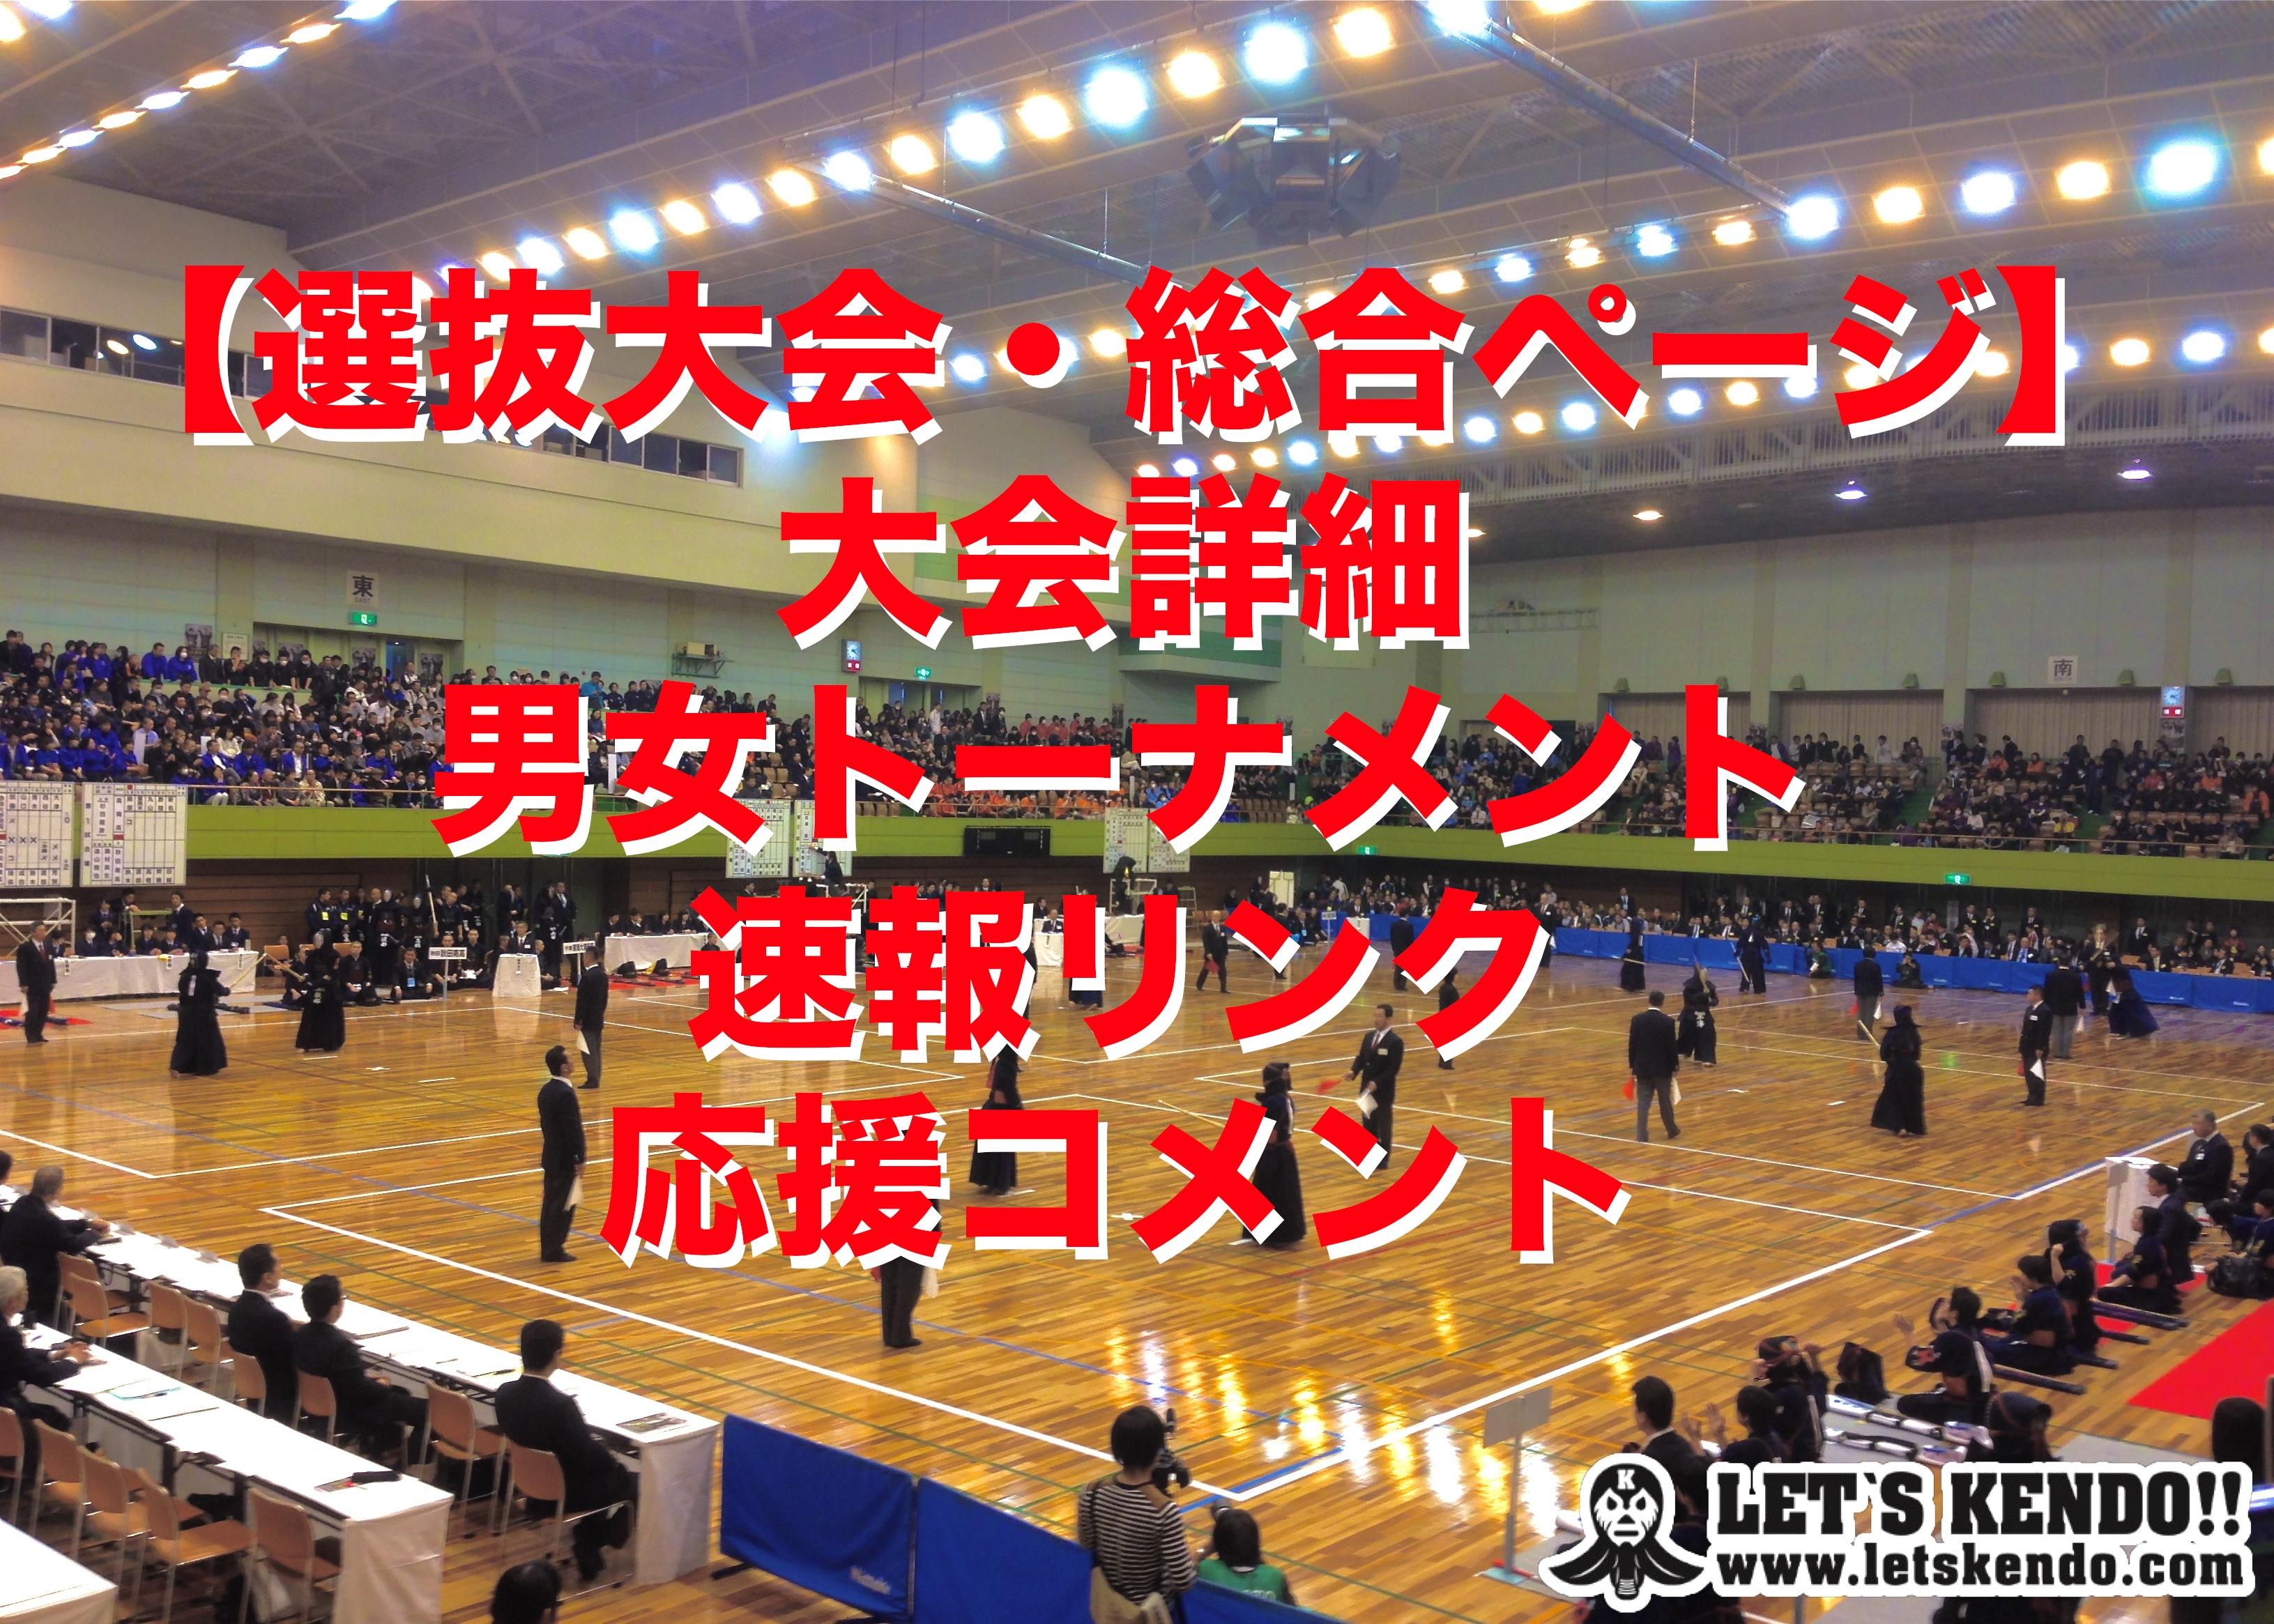 【選抜大会・総合】3/26〜28 第26回全国高校剣道選抜大会